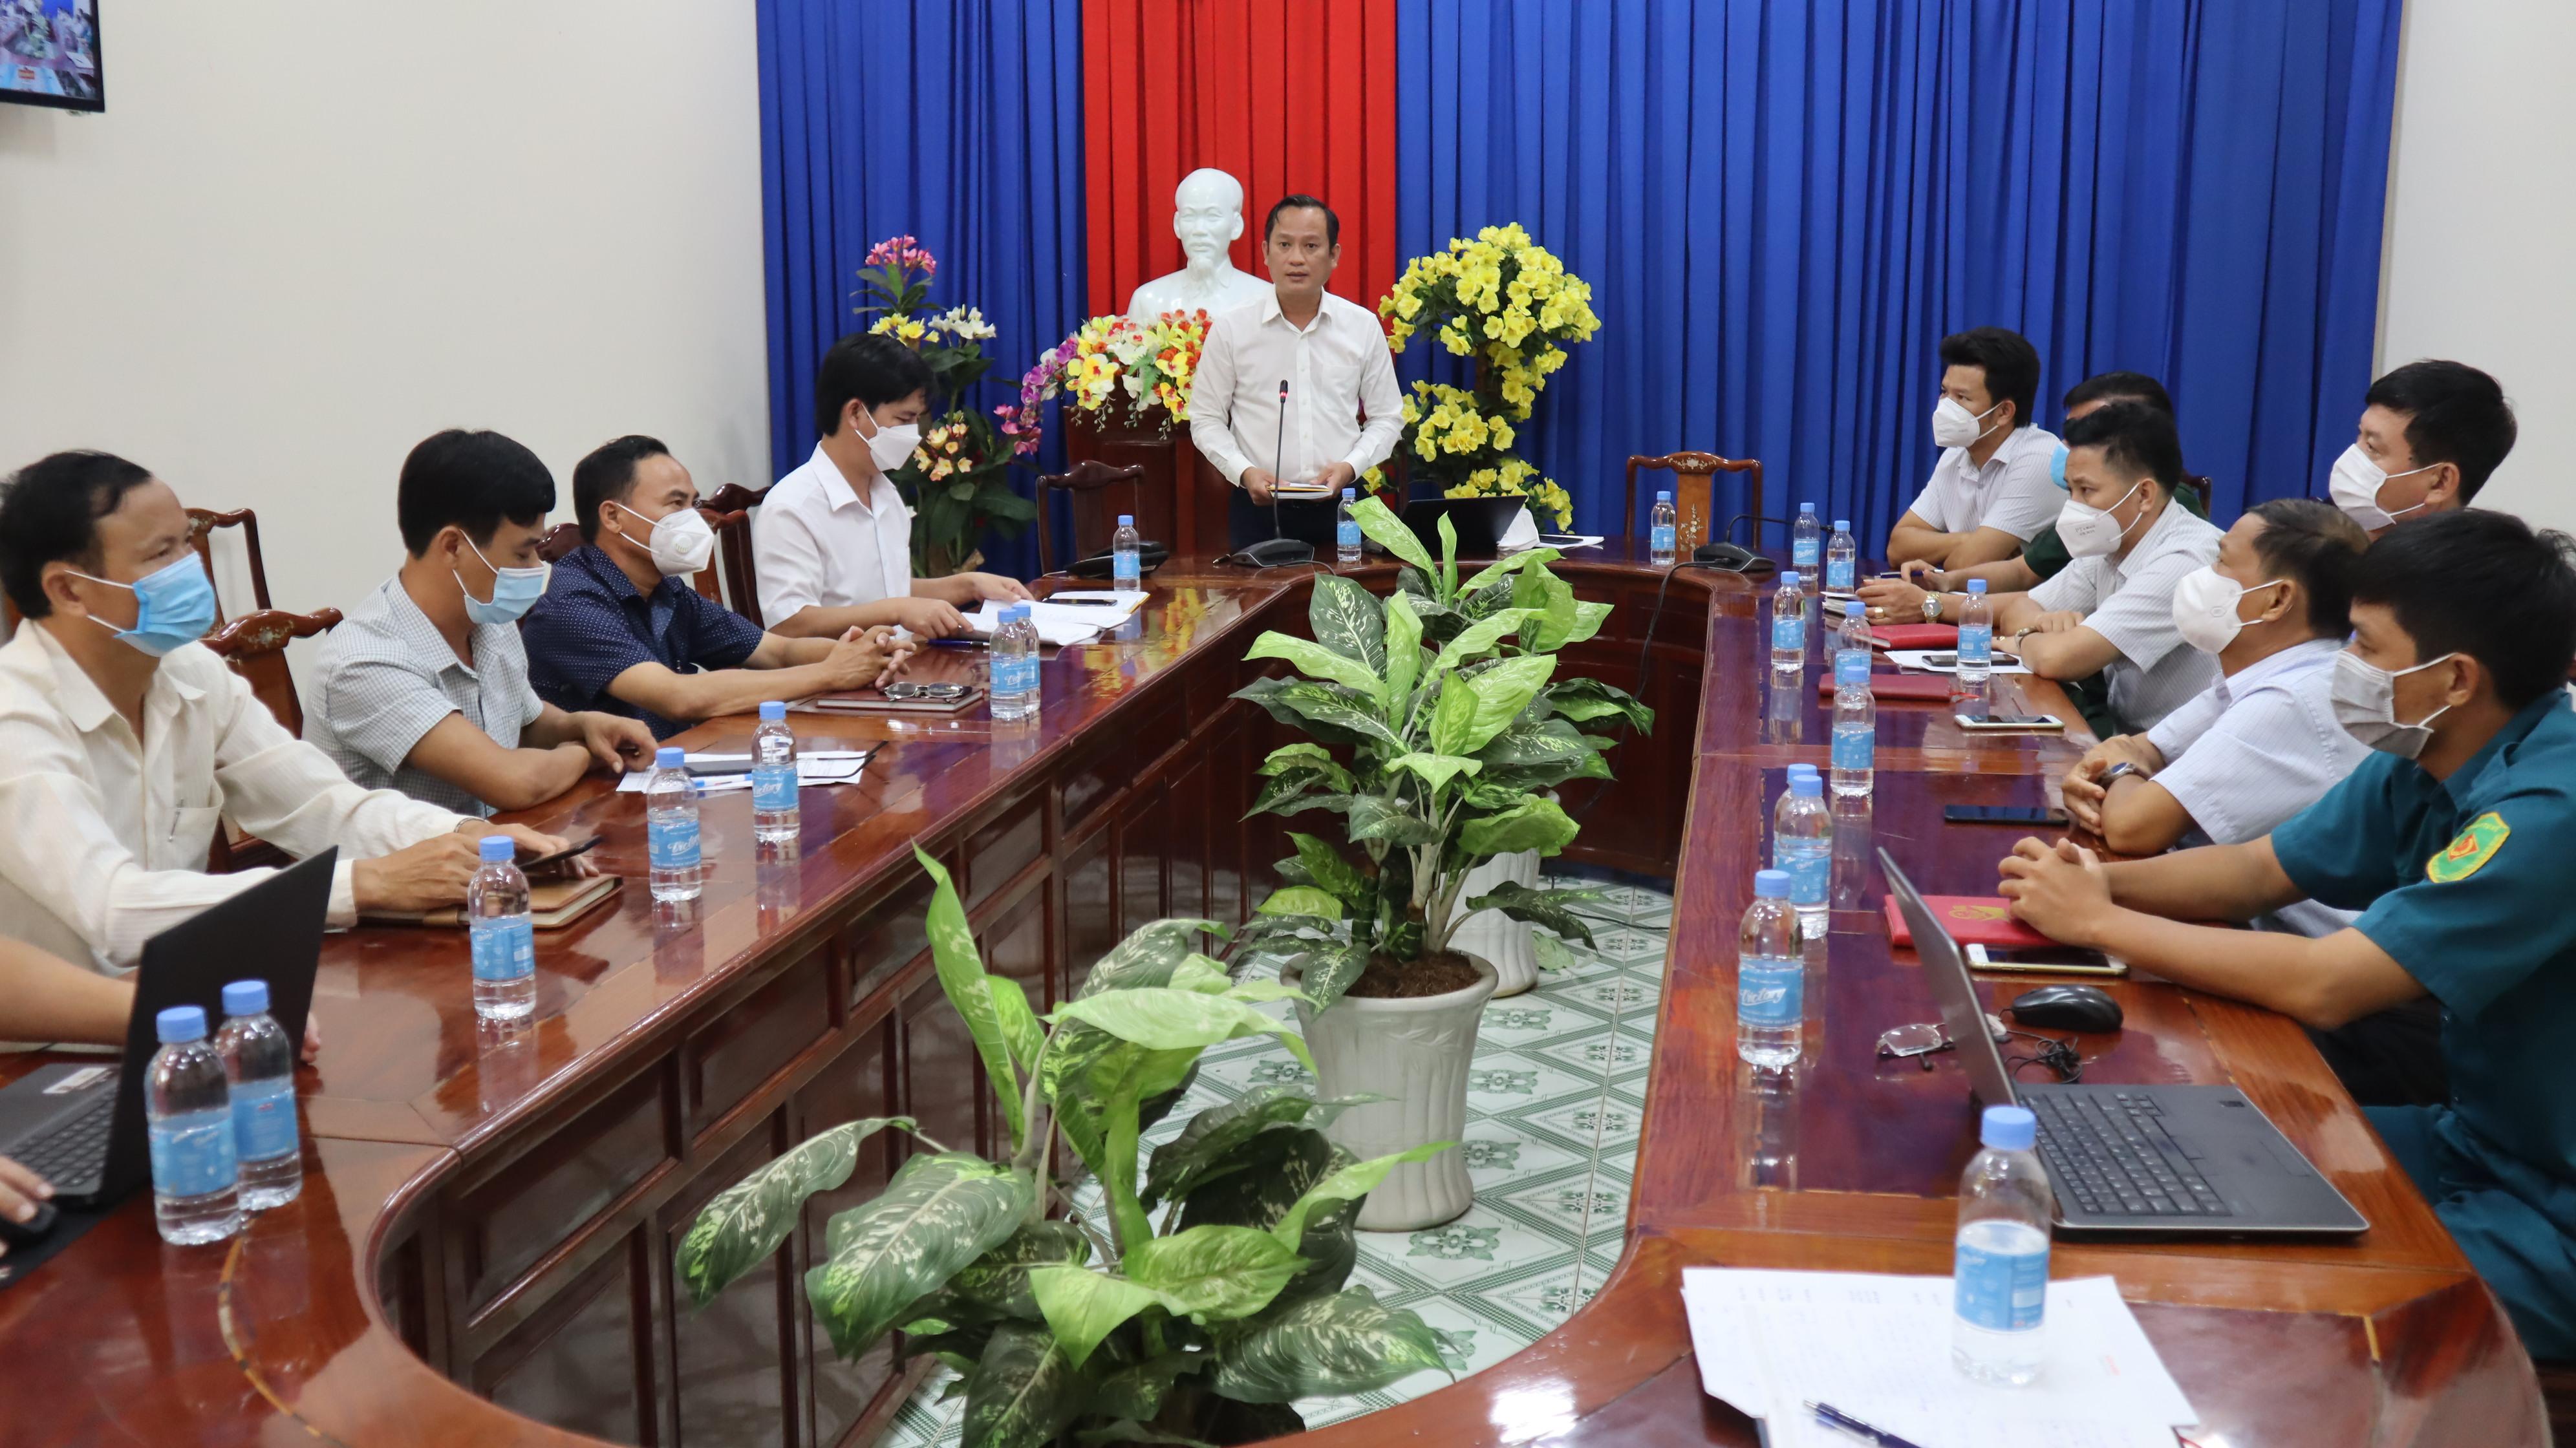 Chủ tịch UBND thành phố Nguyễn Minh Bình chủ trì họp trực tuyến về  công tác phòng chống lụt bão tại điểm cầu Đồng Xoài